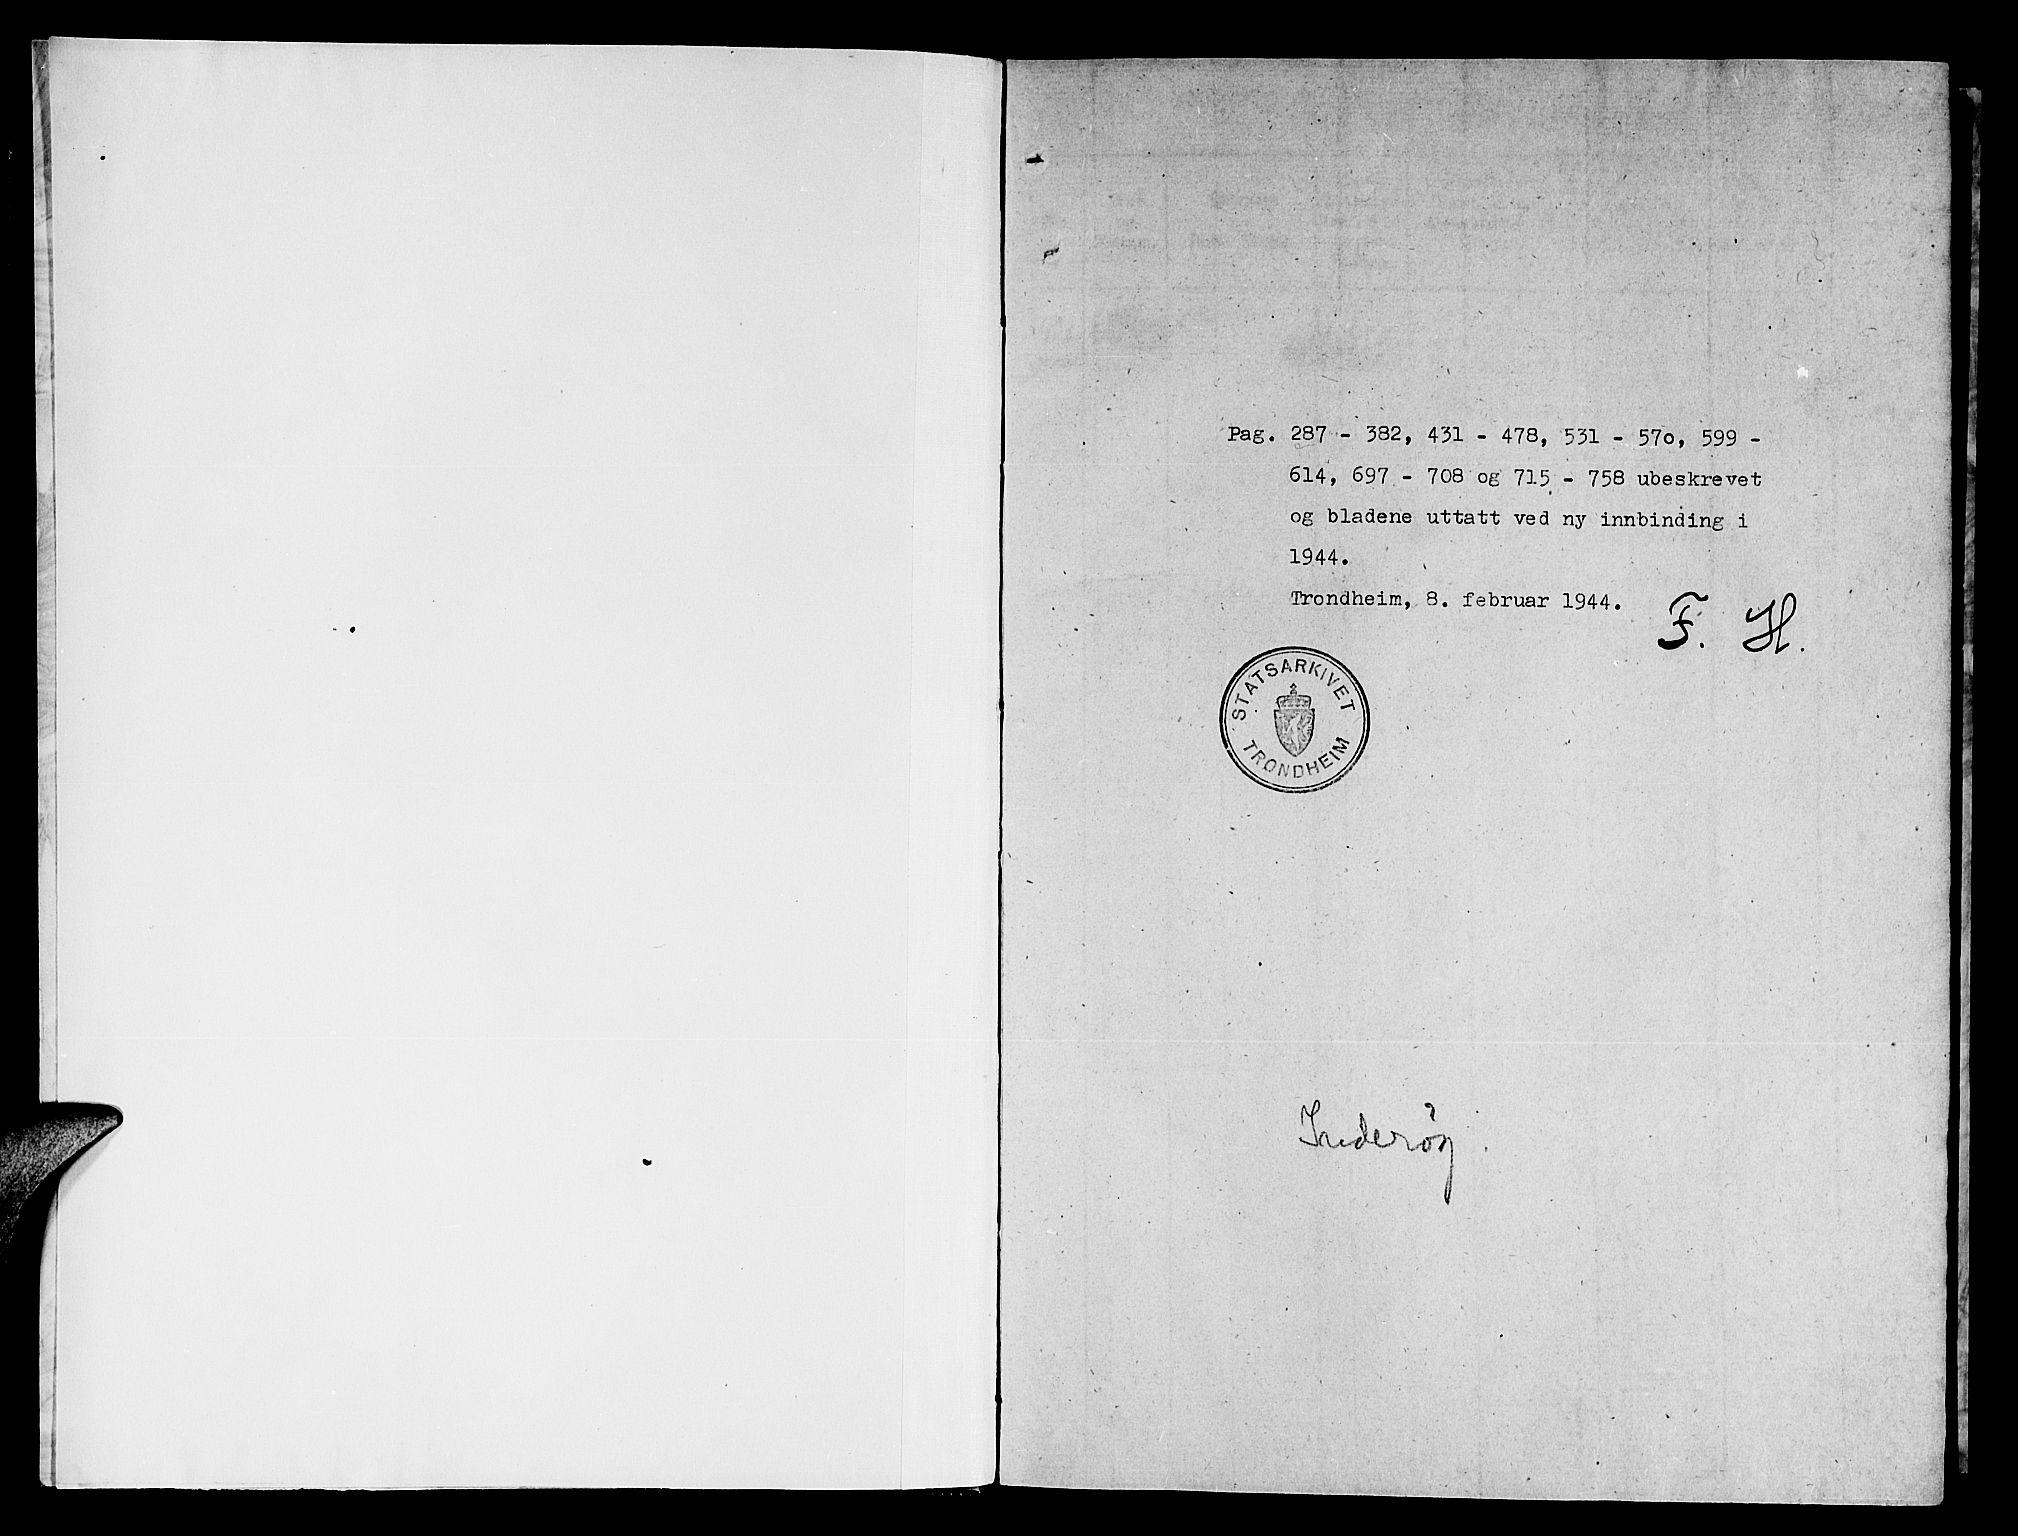 SAT, Ministerialprotokoller, klokkerbøker og fødselsregistre - Nord-Trøndelag, 731/L0310: Klokkerbok nr. 731C01, 1816-1874